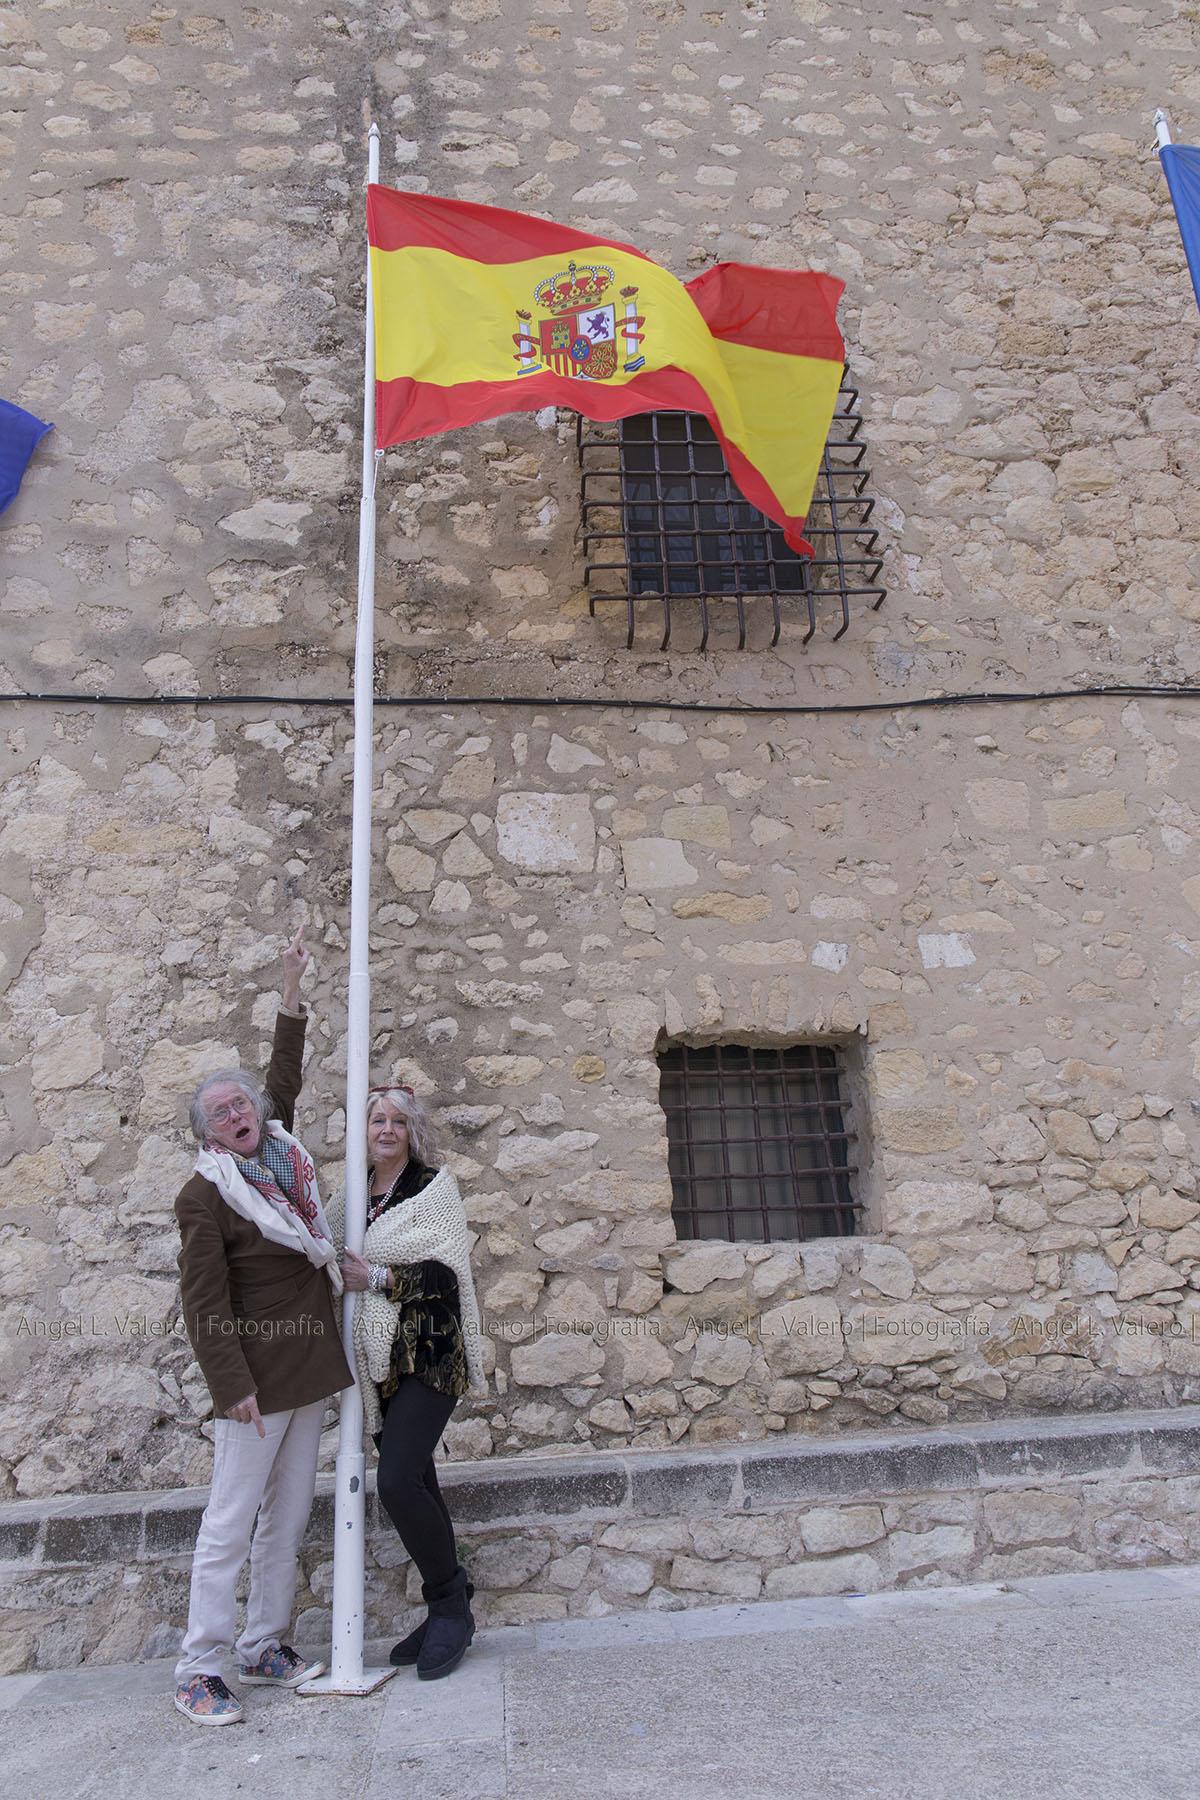 Tom & Jen as Spanish fans